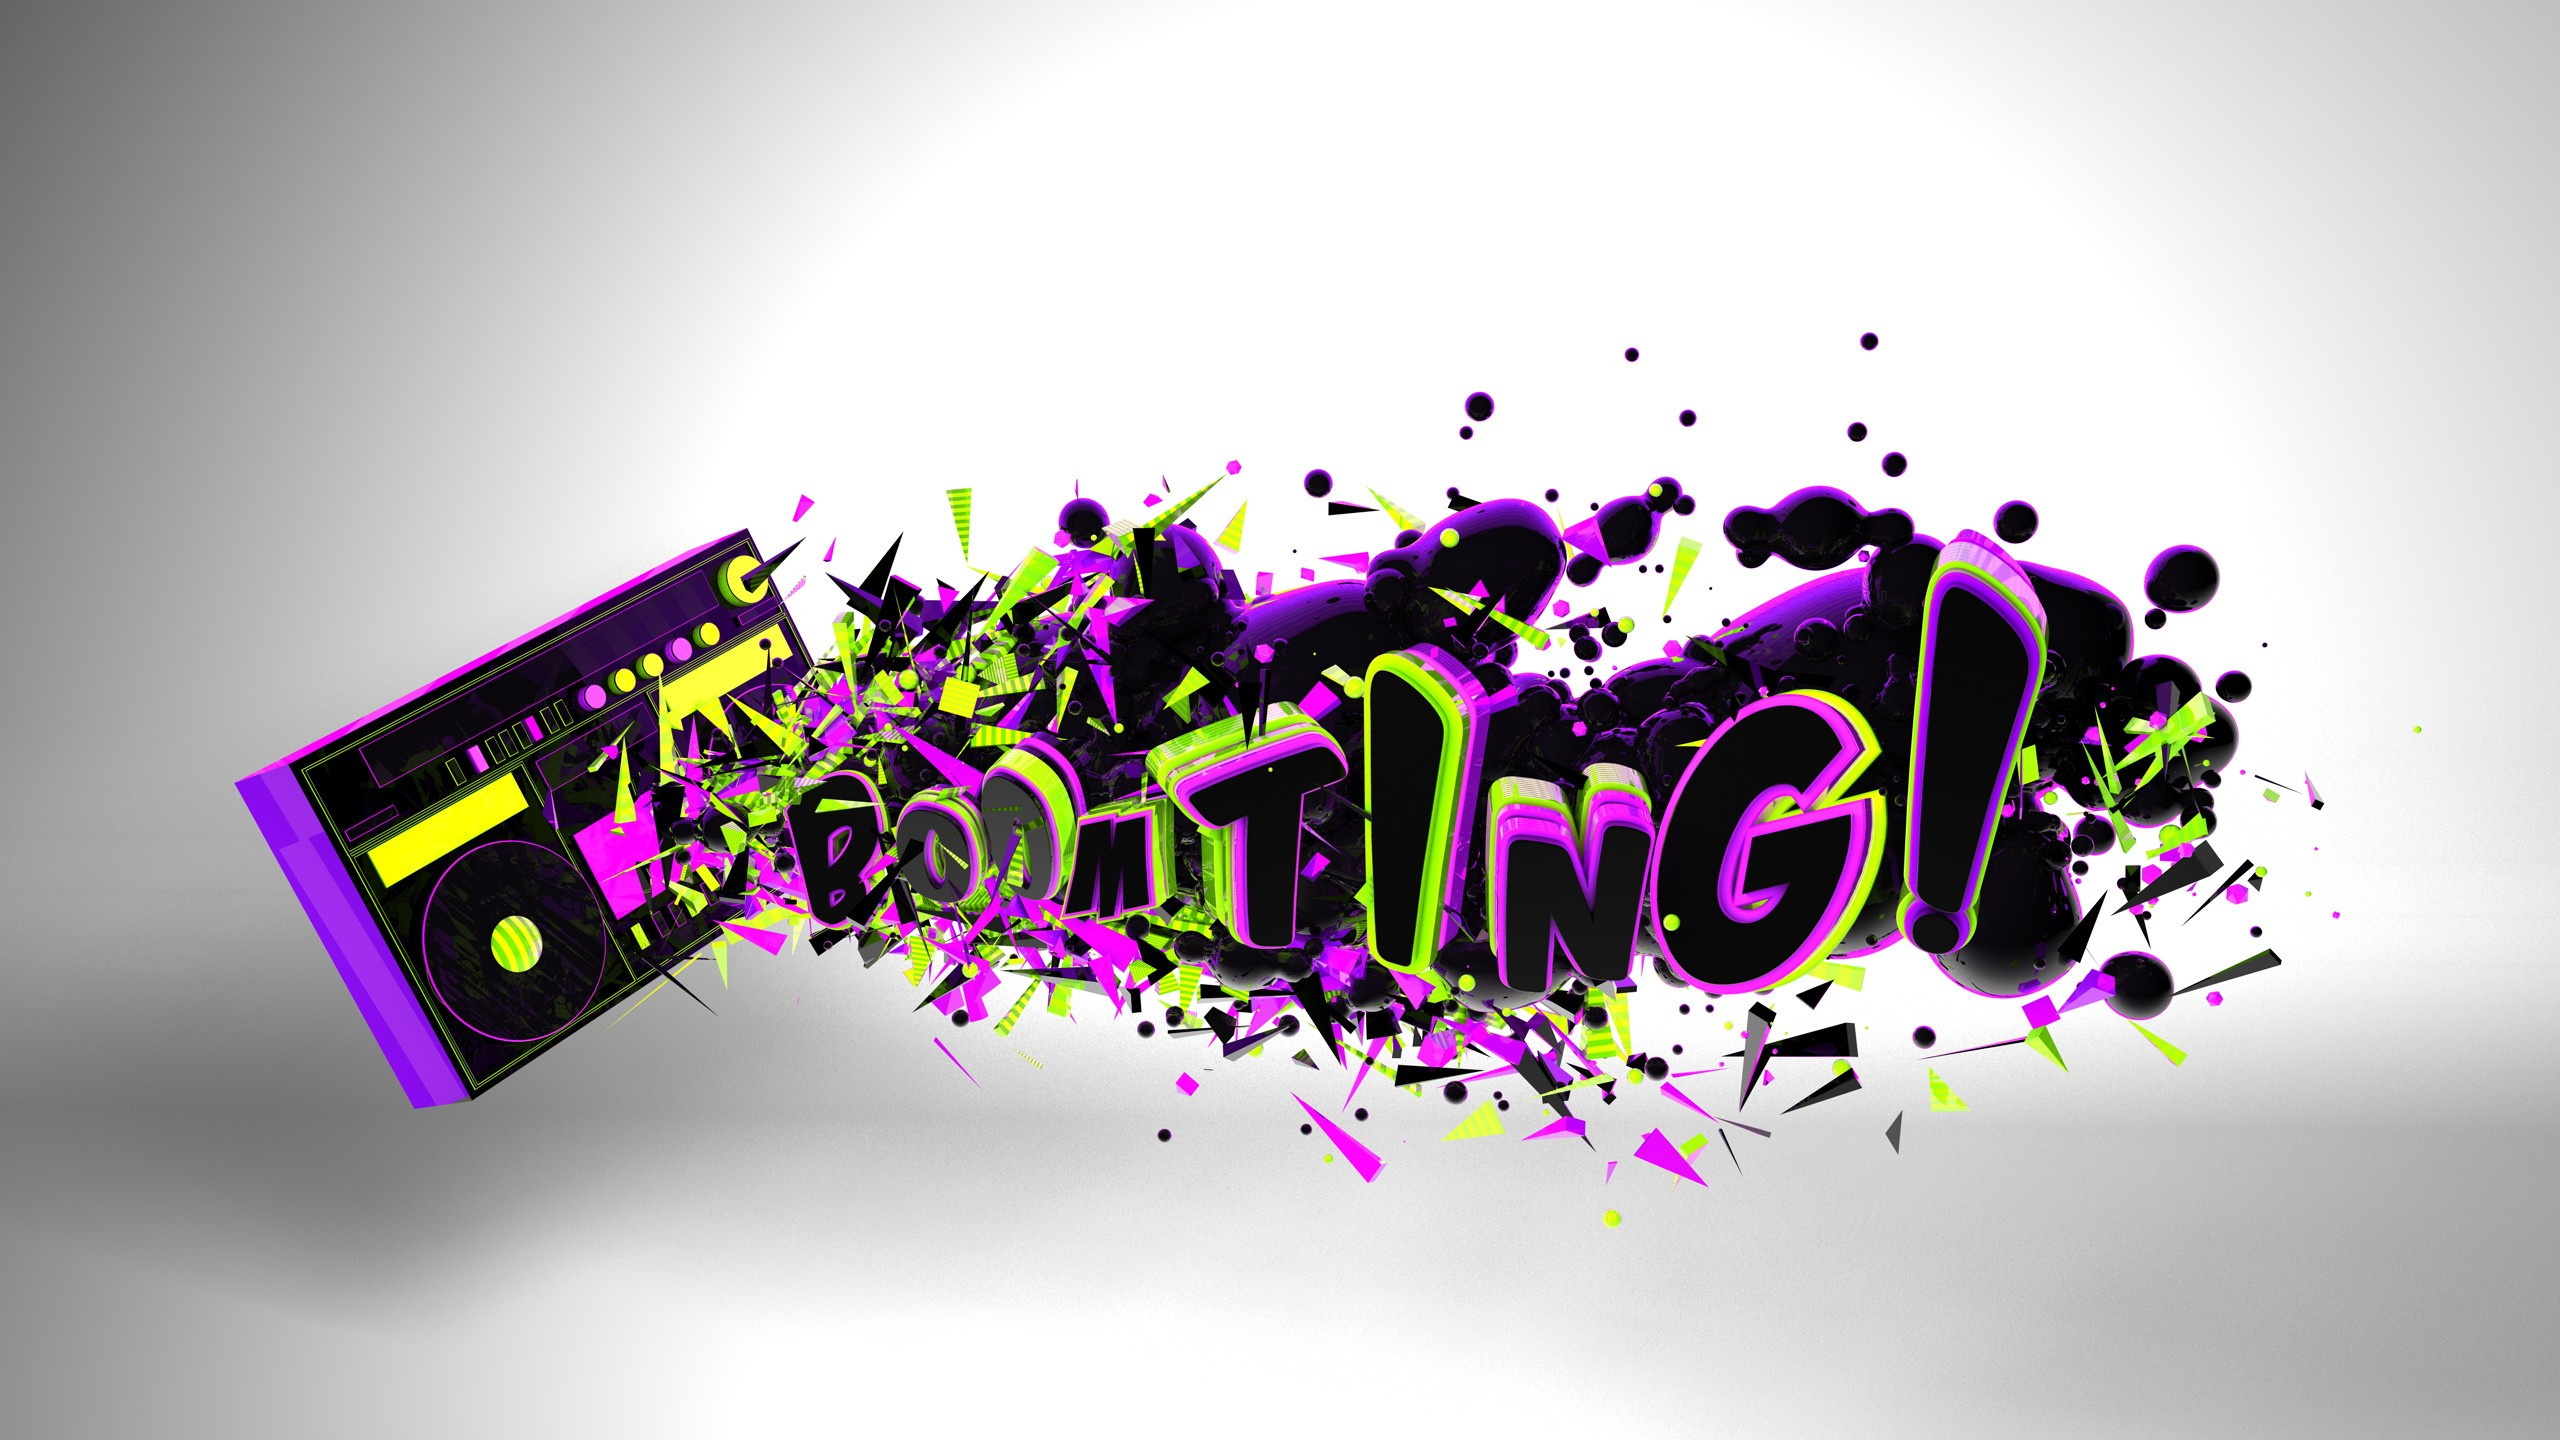 Artistic HD Wallpaper